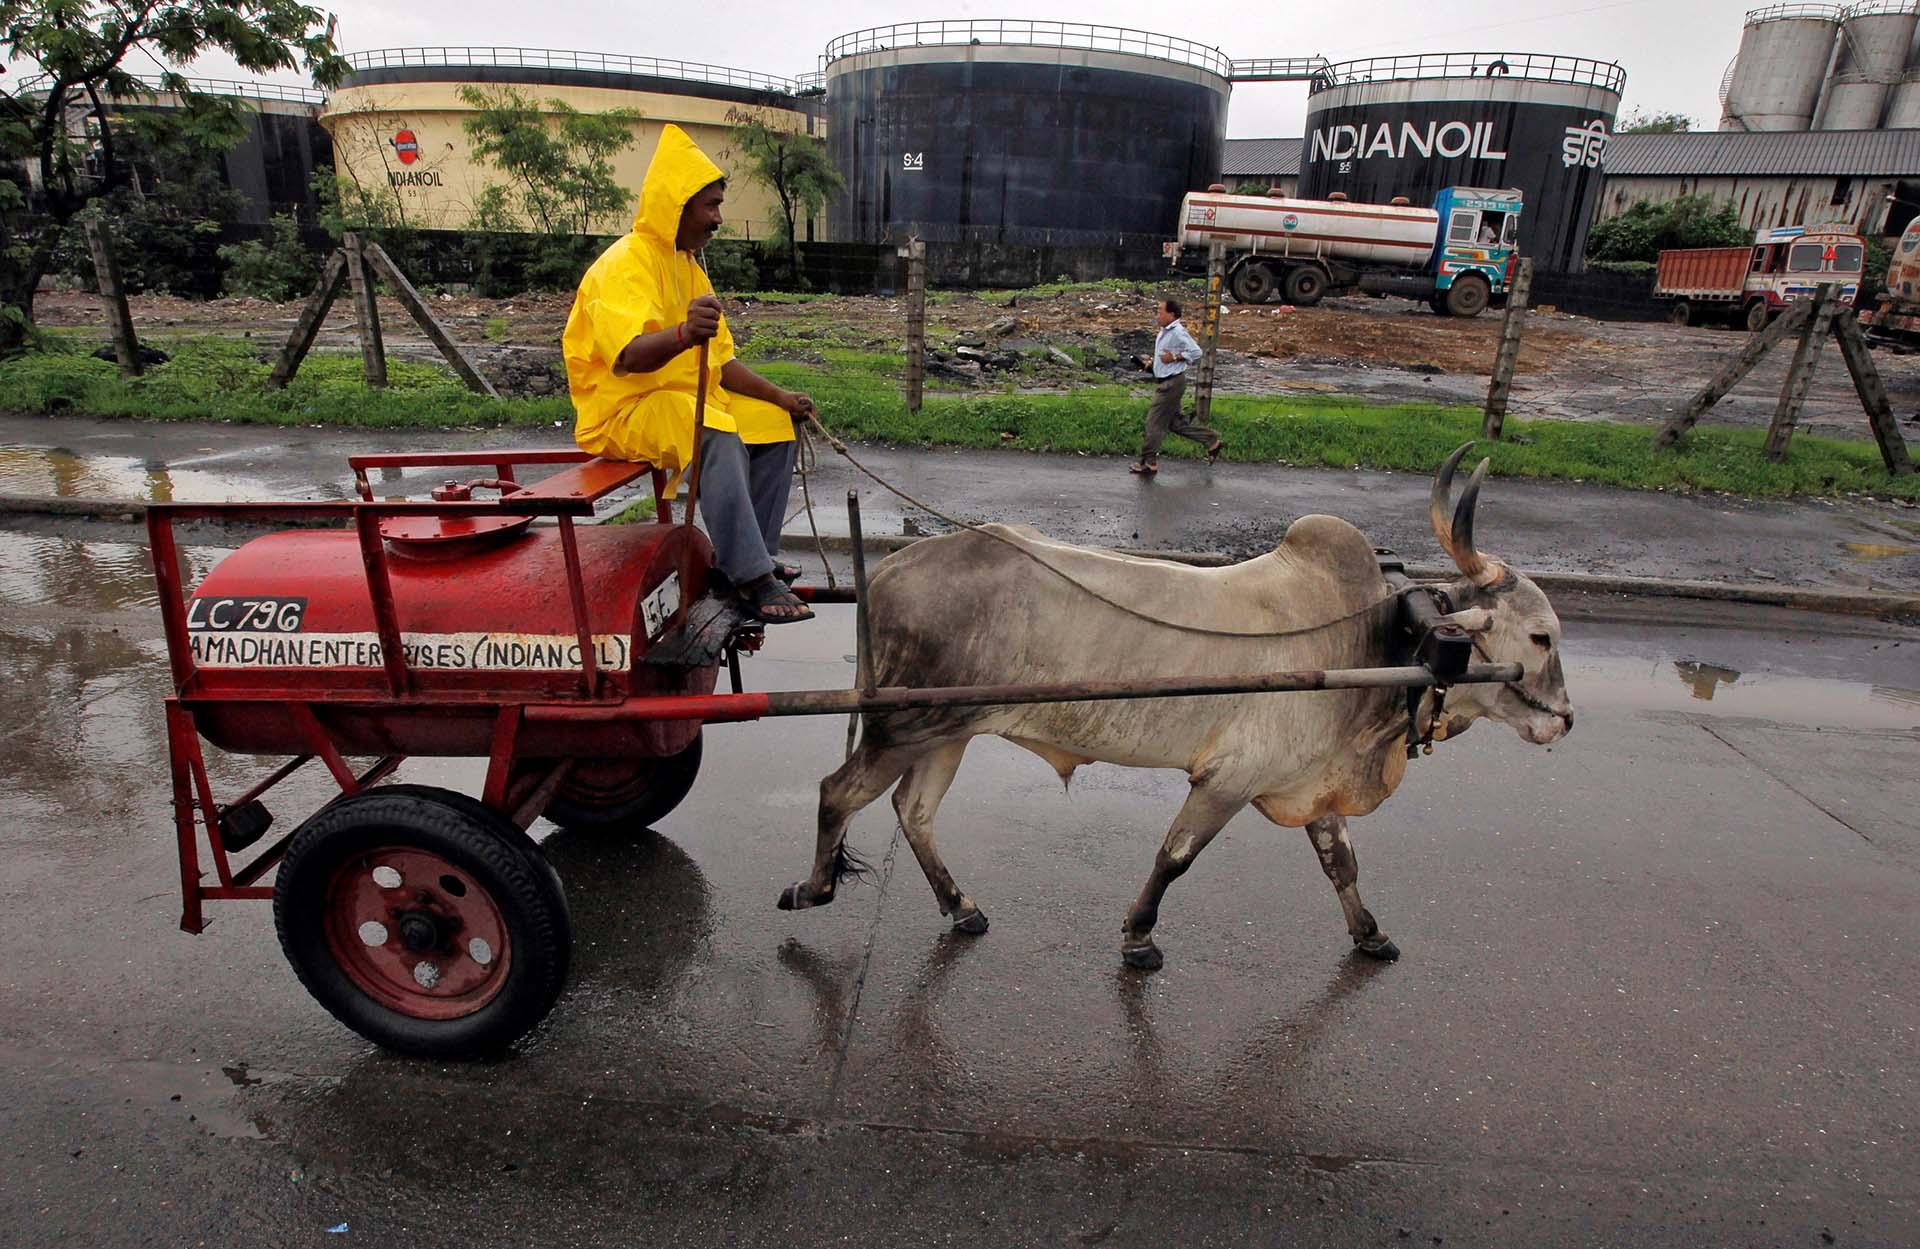 Un trabajador transporta kerosene en un carro tirado por un buey viaja, en el depósito de combustible de Indian Oil Corporation, en Bombay